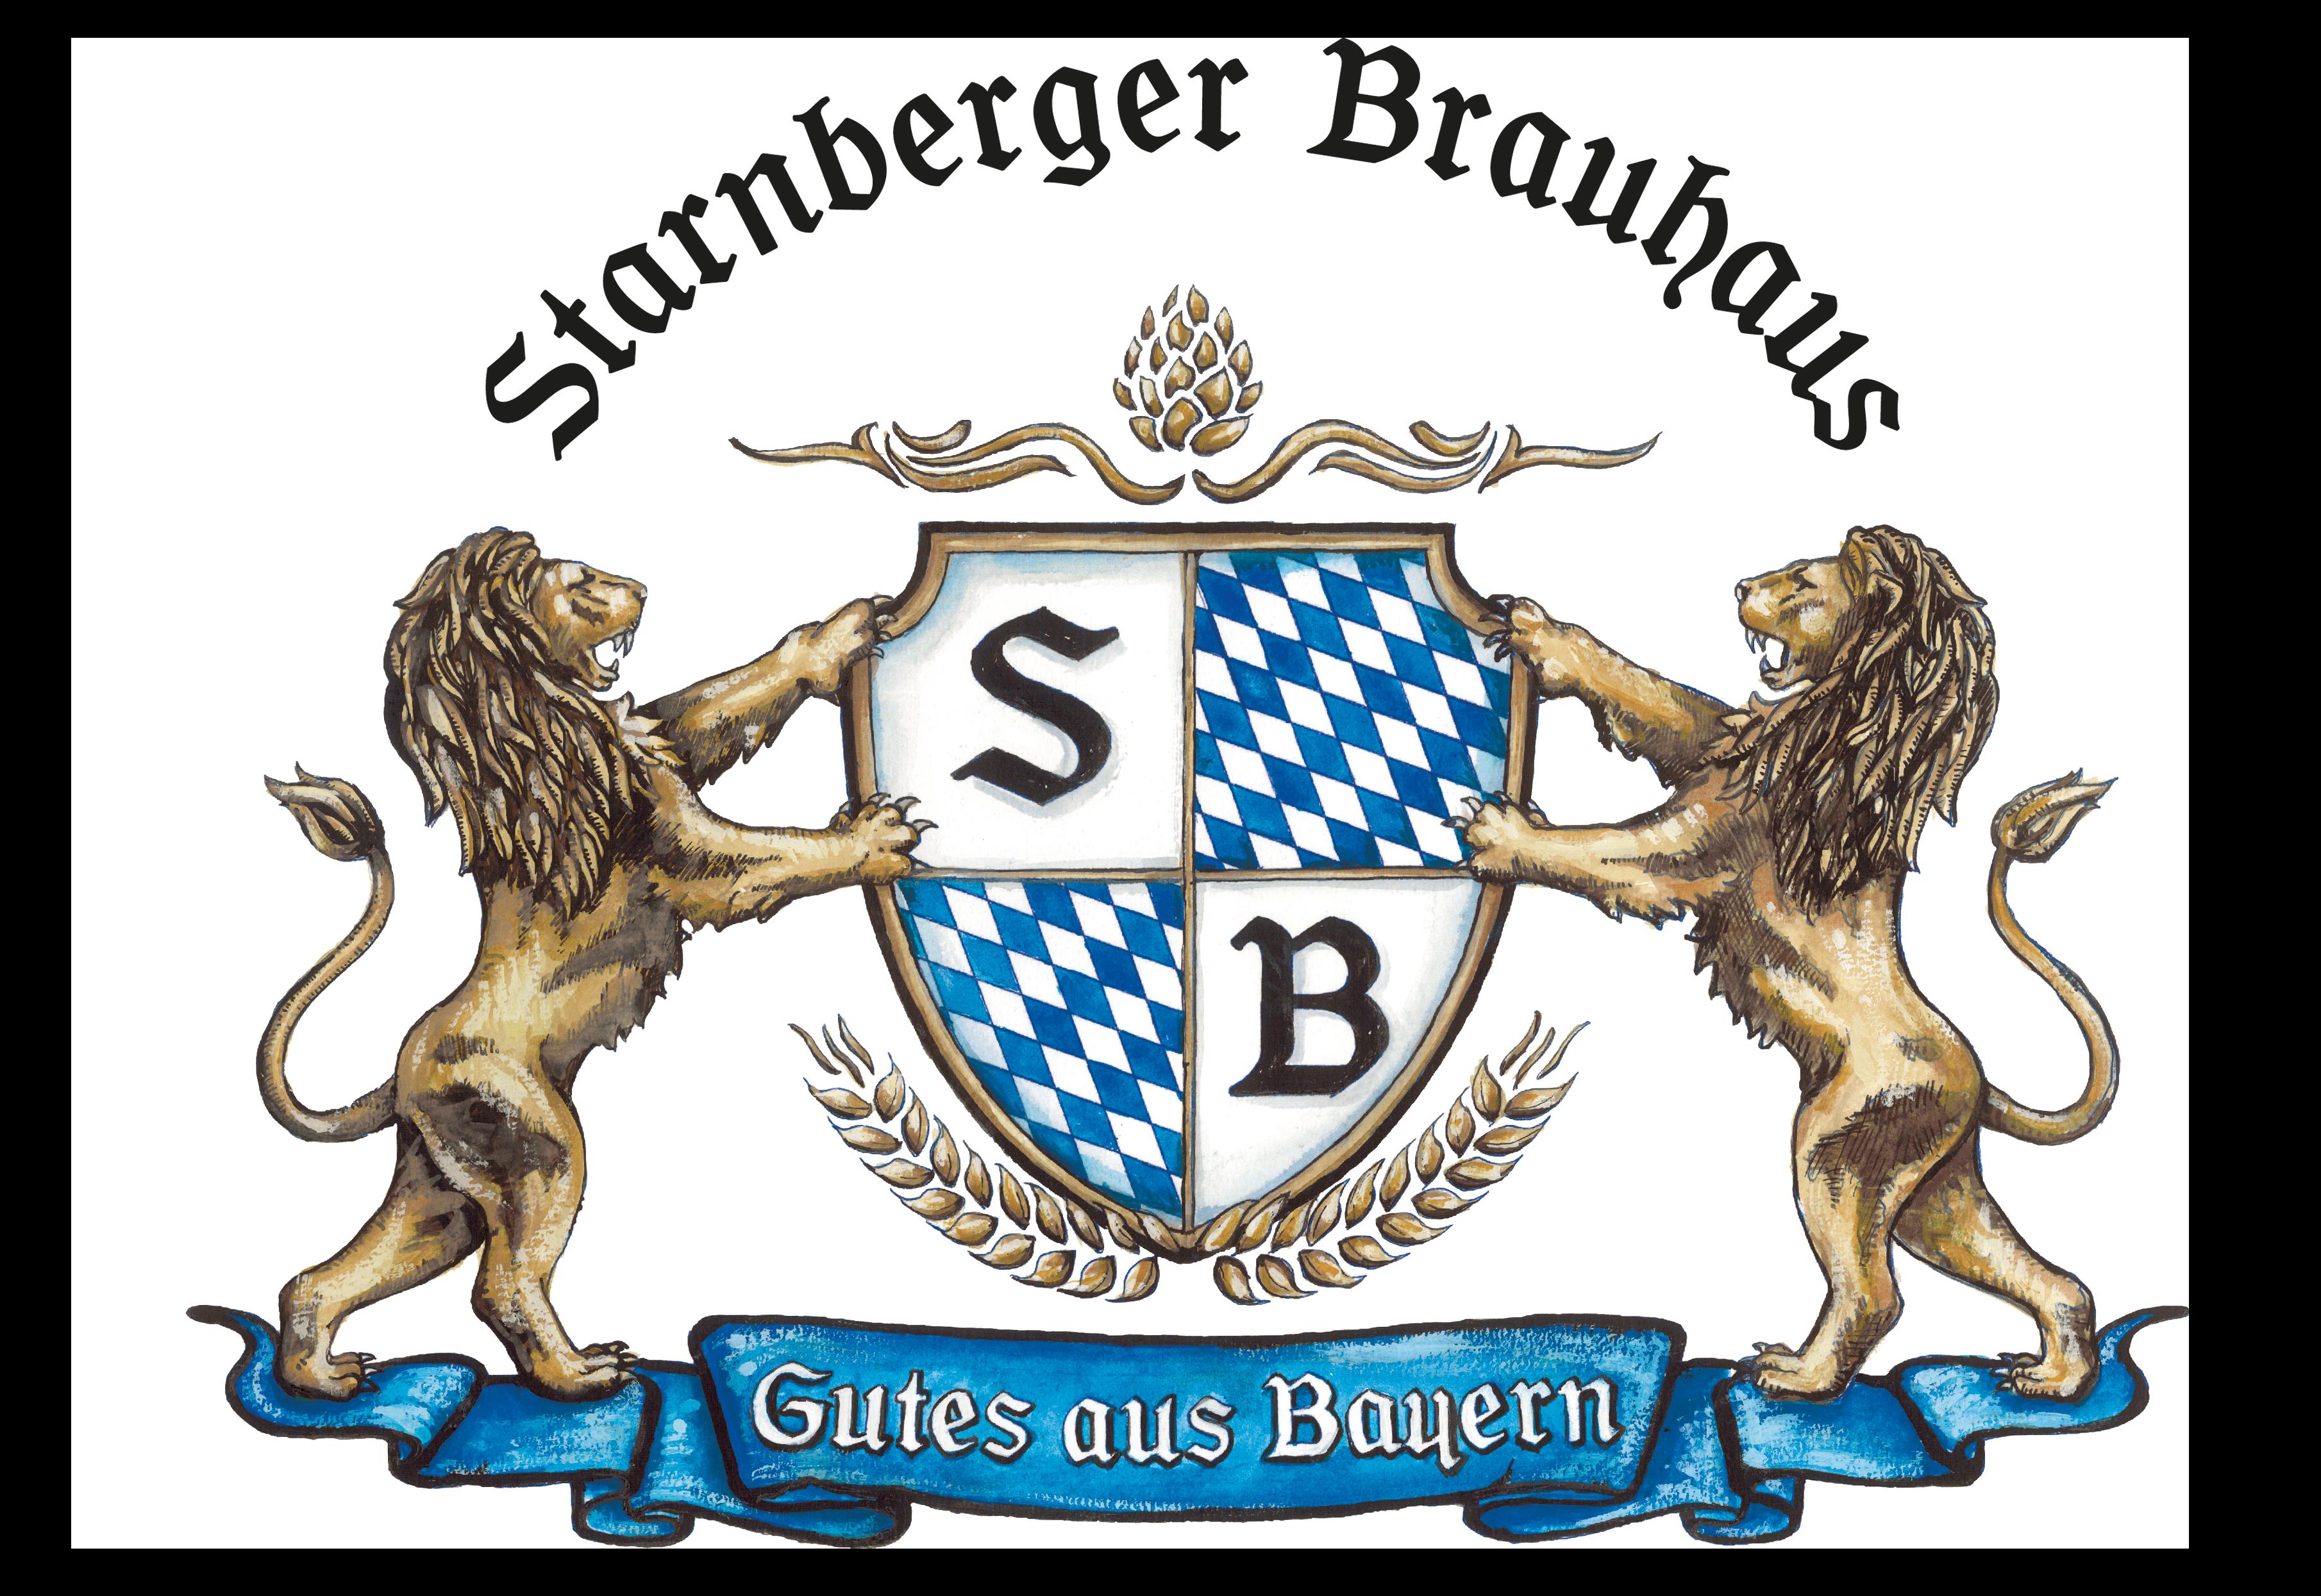 Video-Marketing für die Brauerei Starnberger Brauhaus